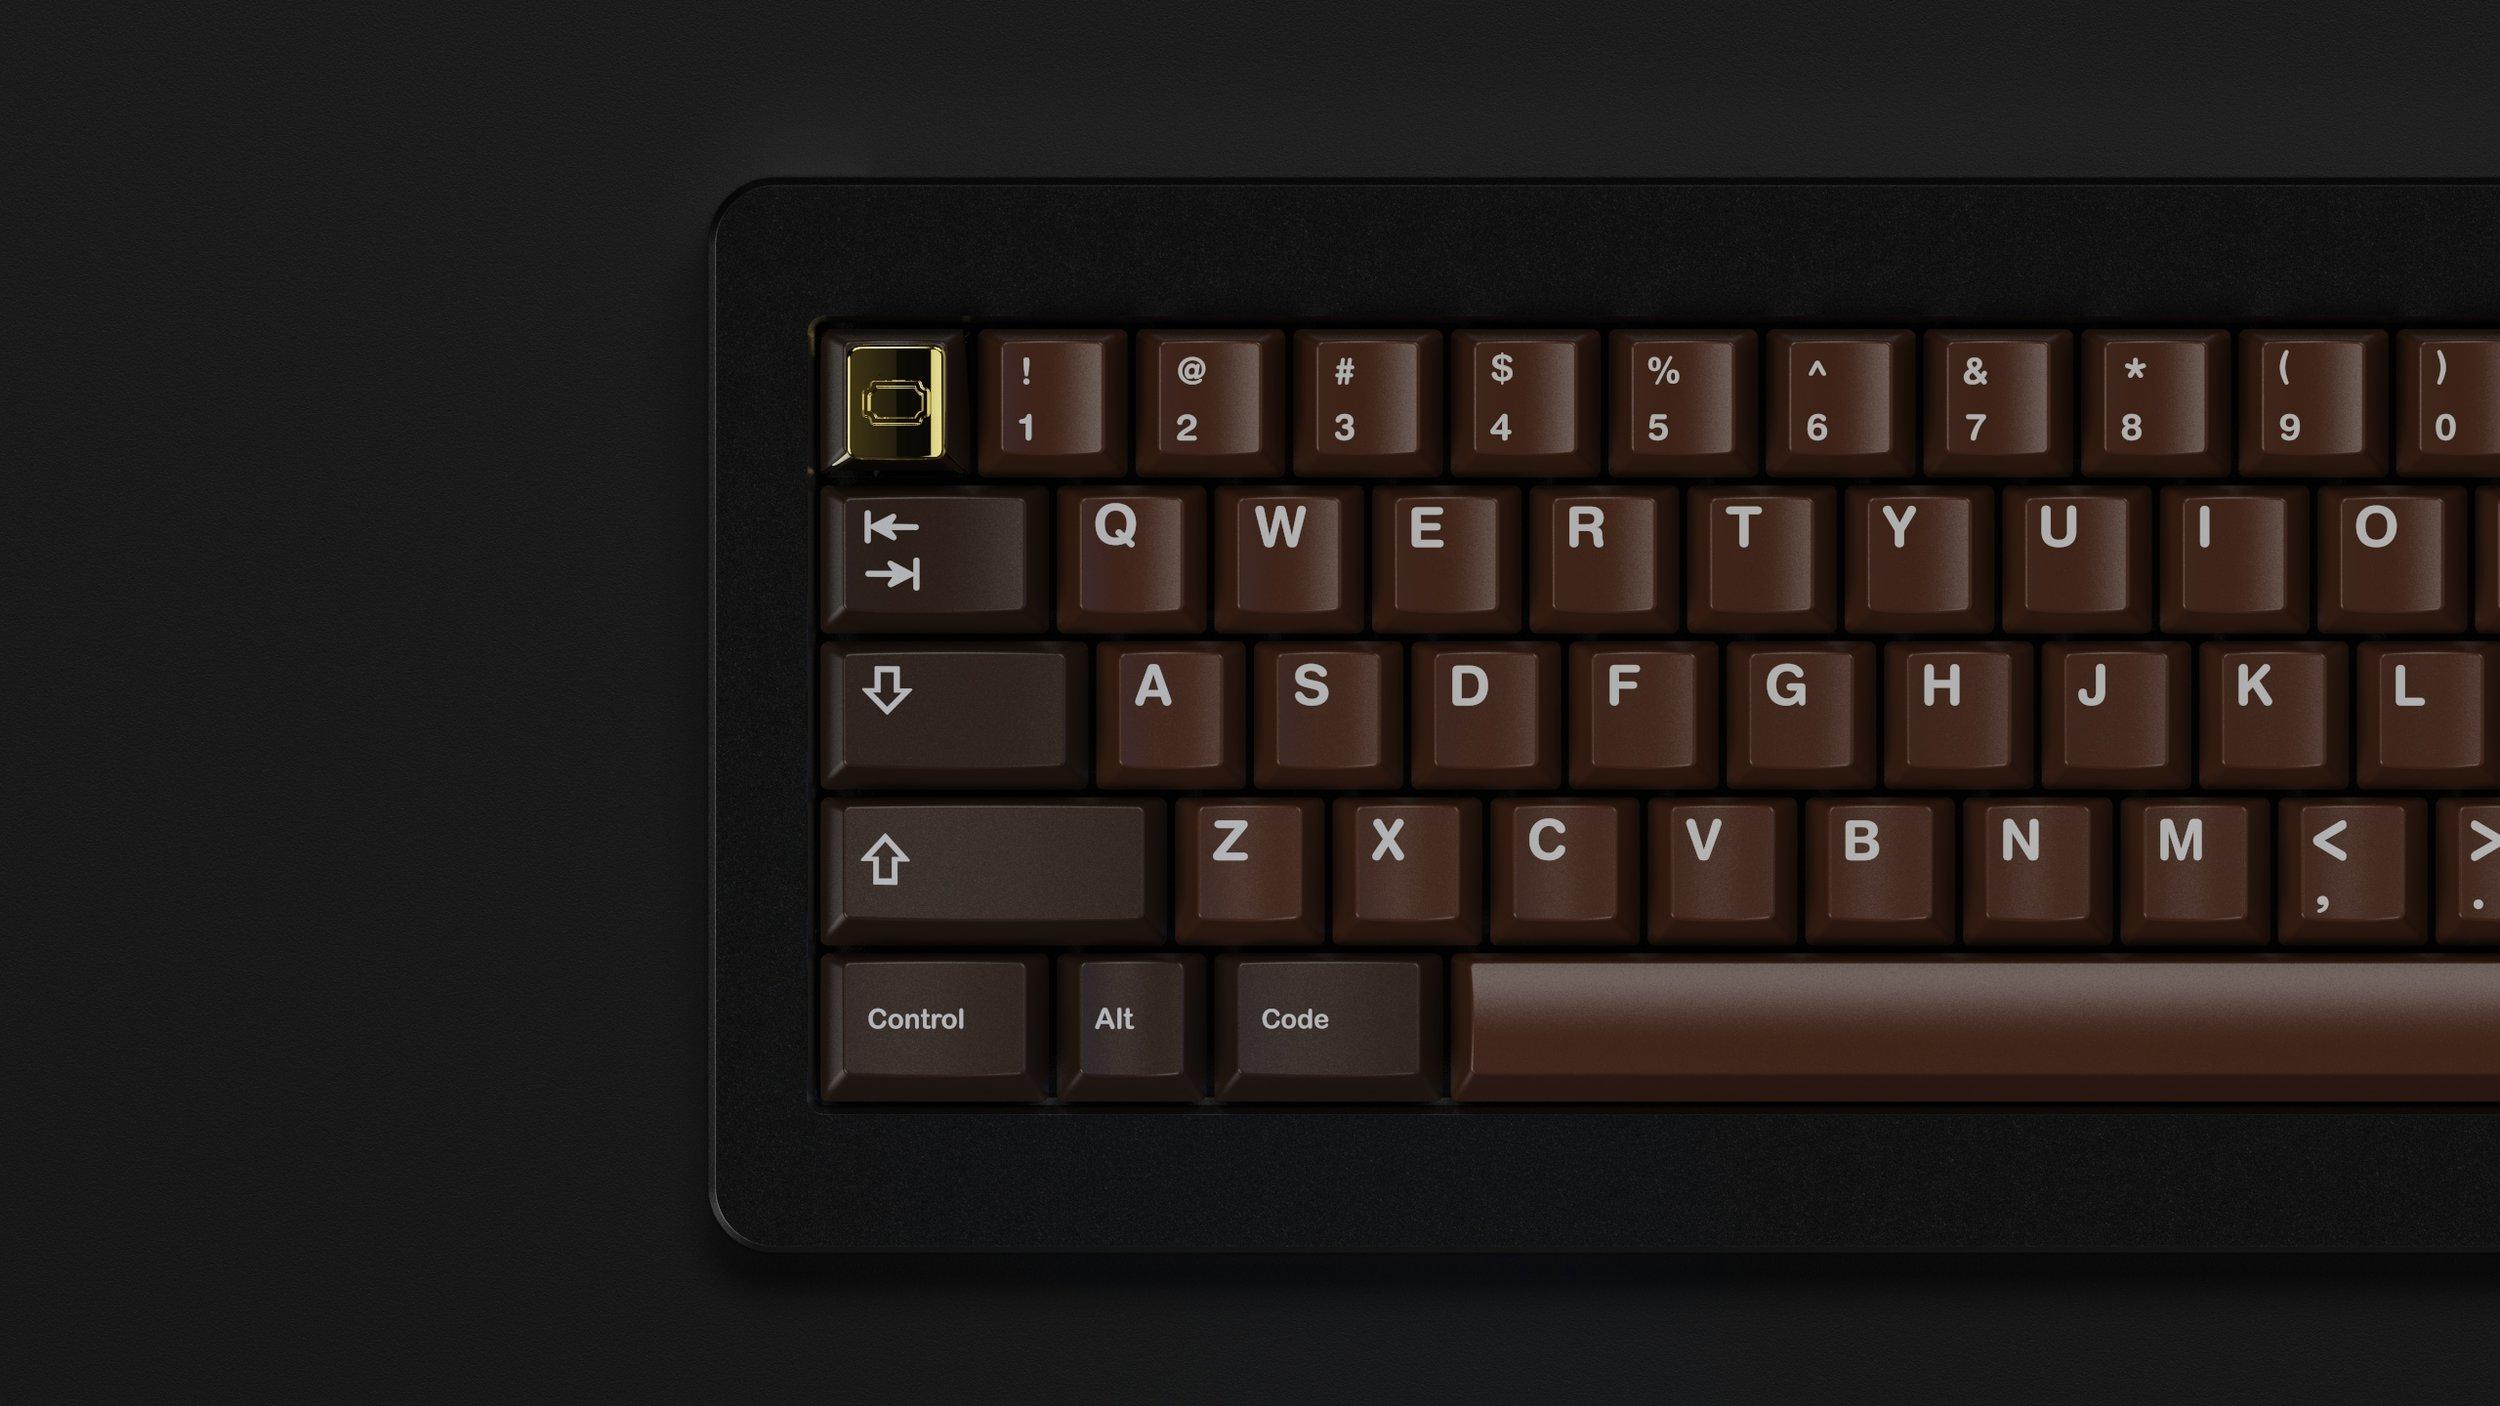 RW-KOYU-A-CHOCOLATIER-01.1366.jpg